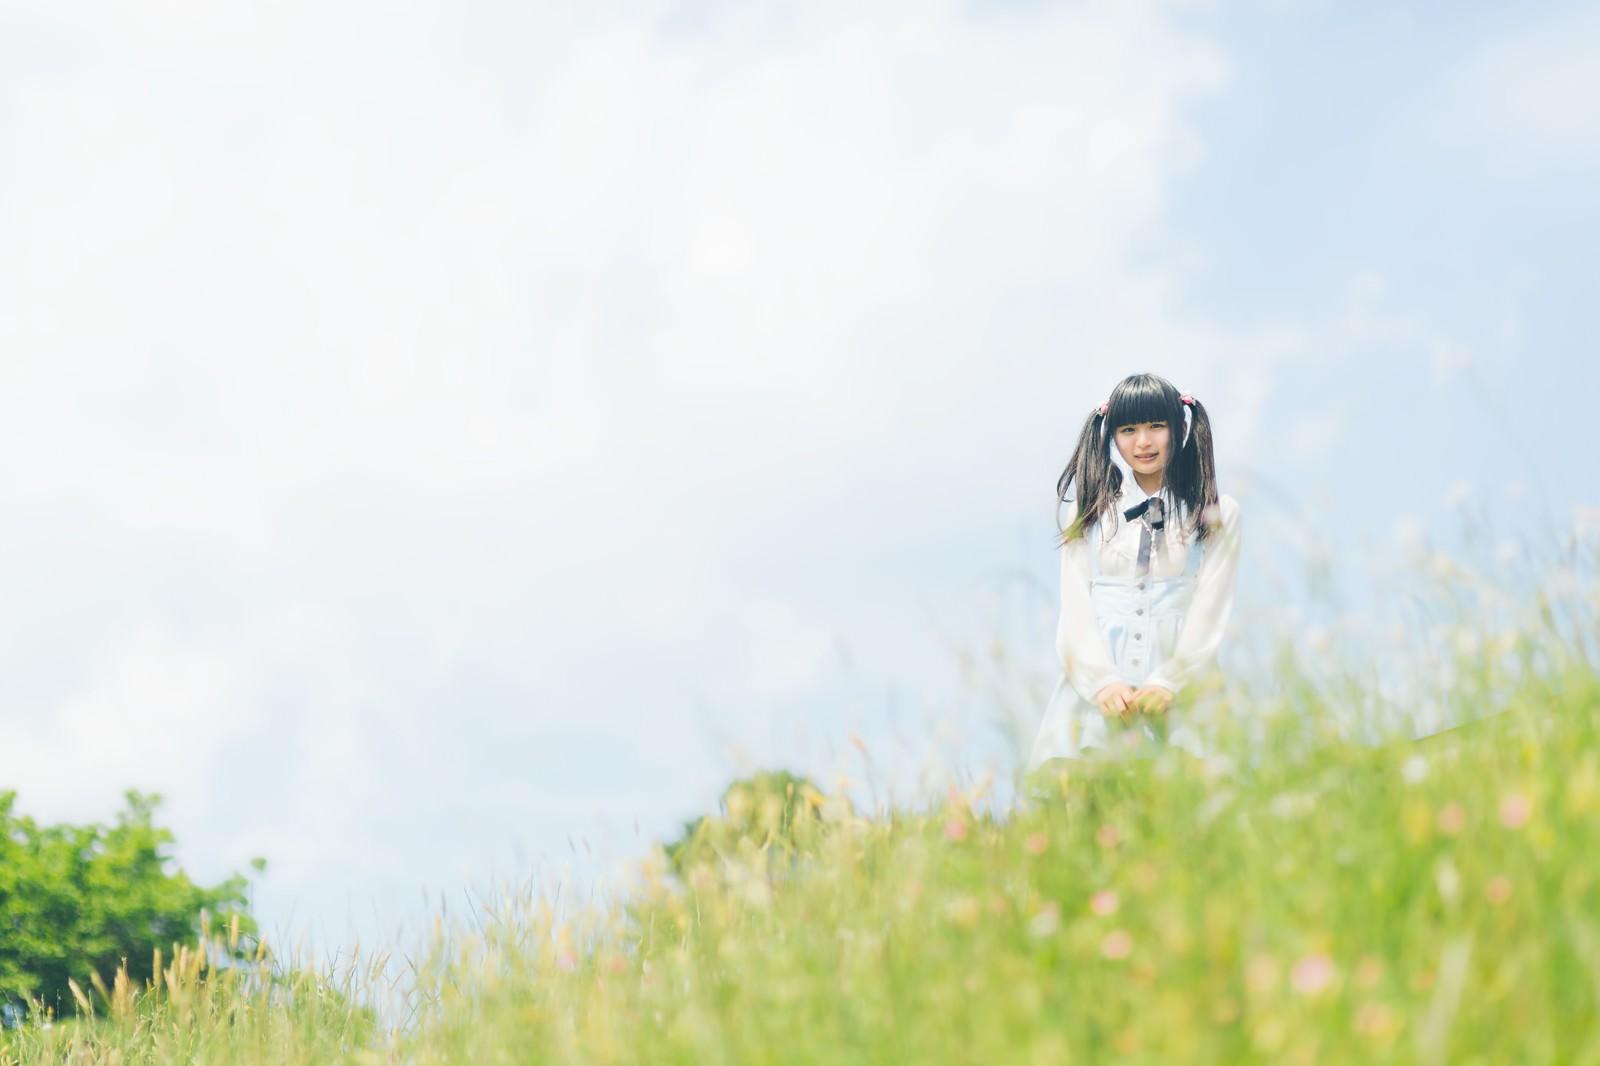 「野原とツインテールの女の子野原とツインテールの女の子」[モデル:こころ]のフリー写真素材を拡大